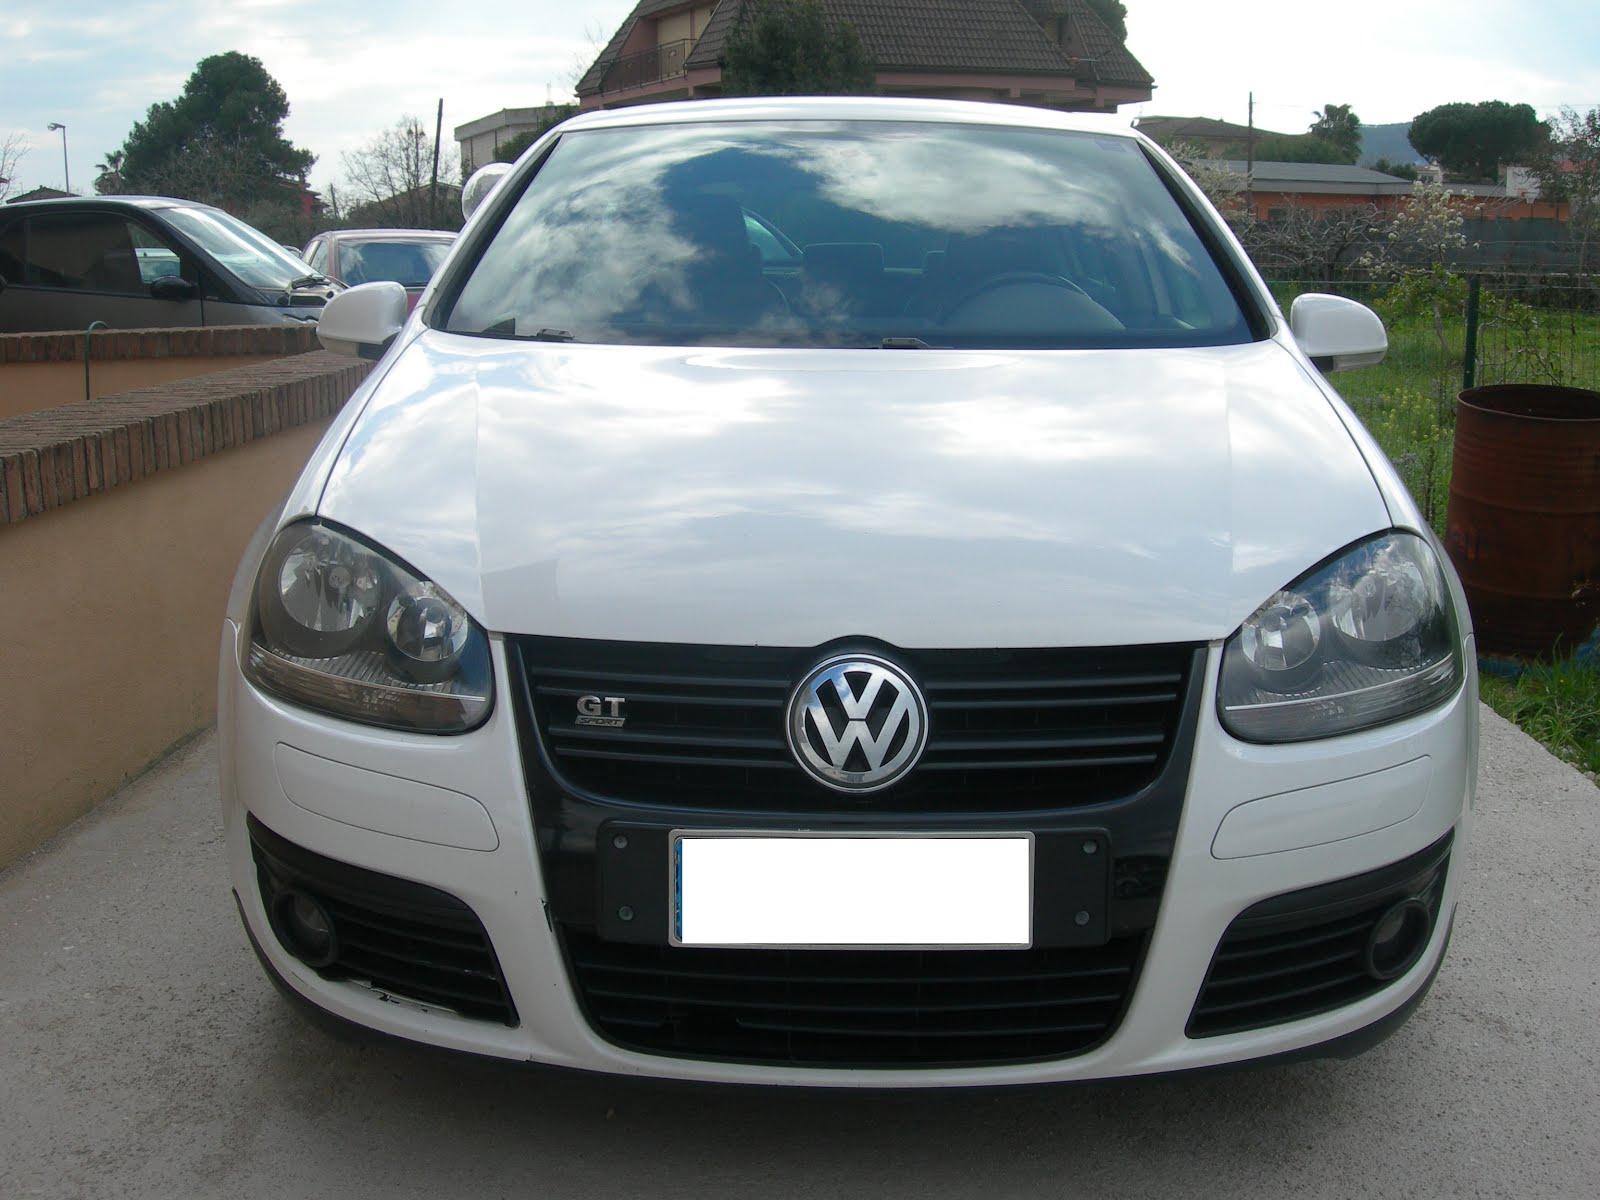 VW GOLF 5 2.0 TDI 140 CV SPORT GT ANNO 2008